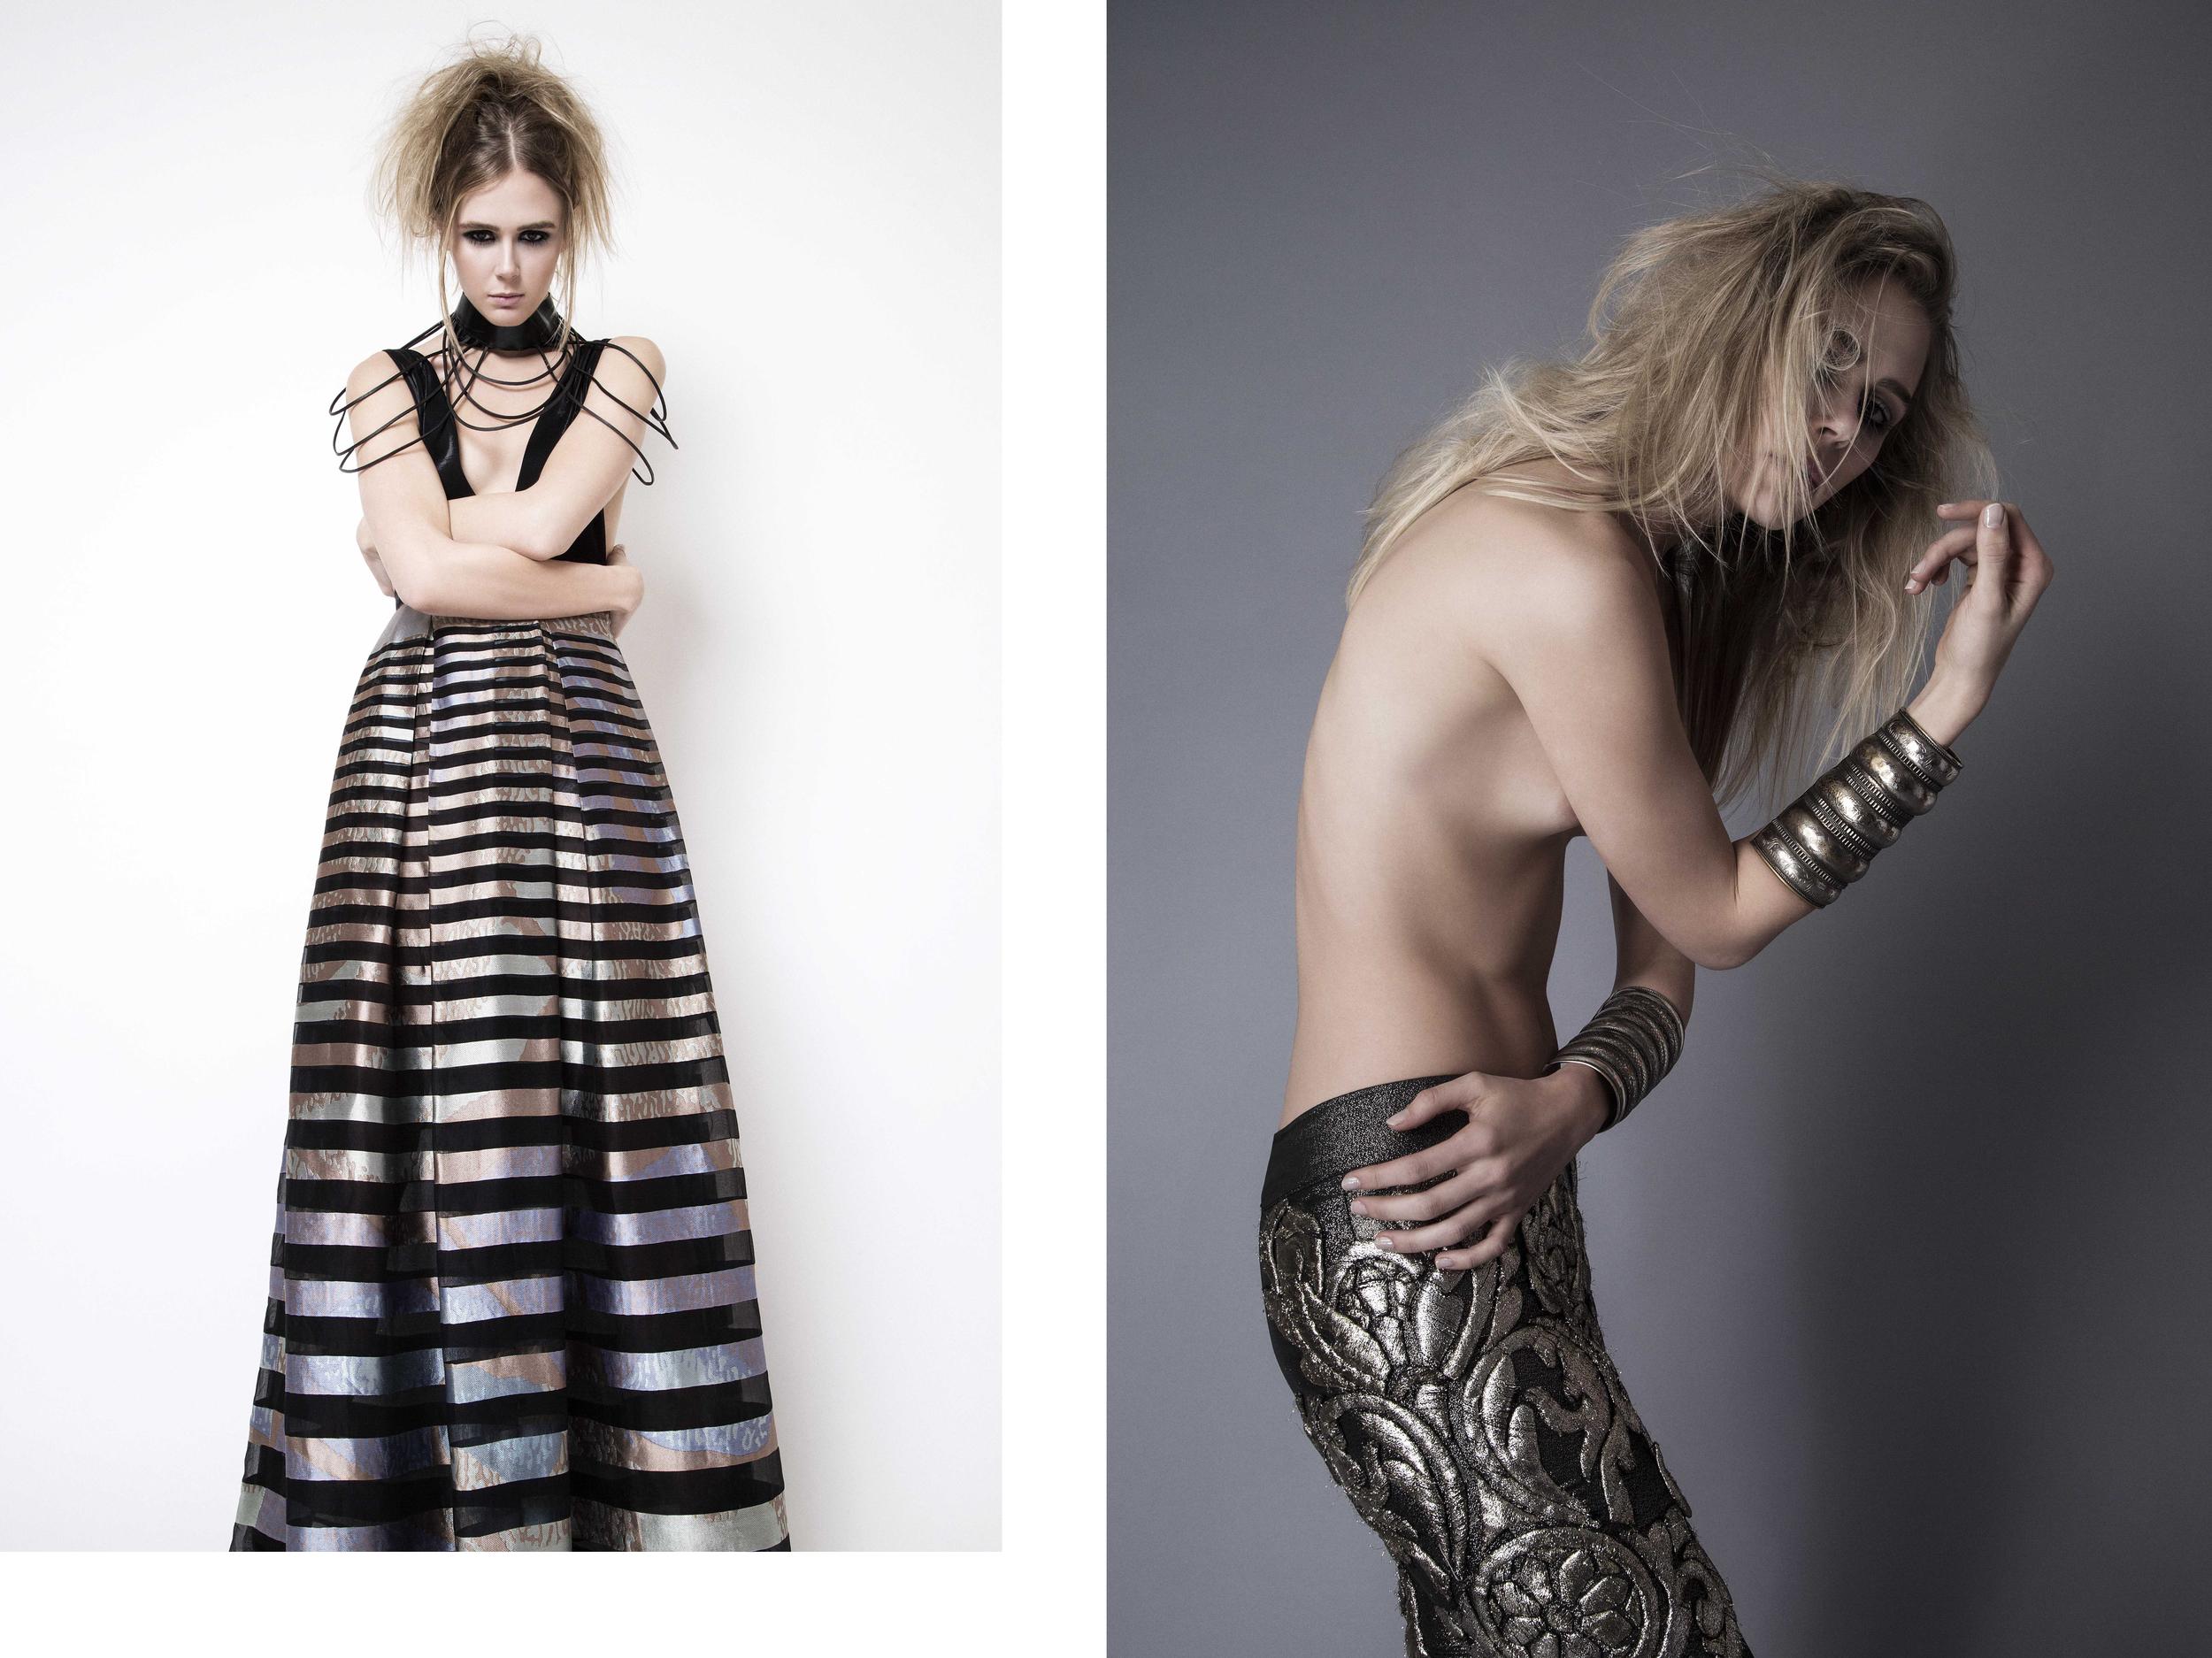 Dress : Pedram Couture / Necklace : Don't Shoot The Messenger Left - Pants : Cary Santiago / Bracelets : Cutting Edge Archive